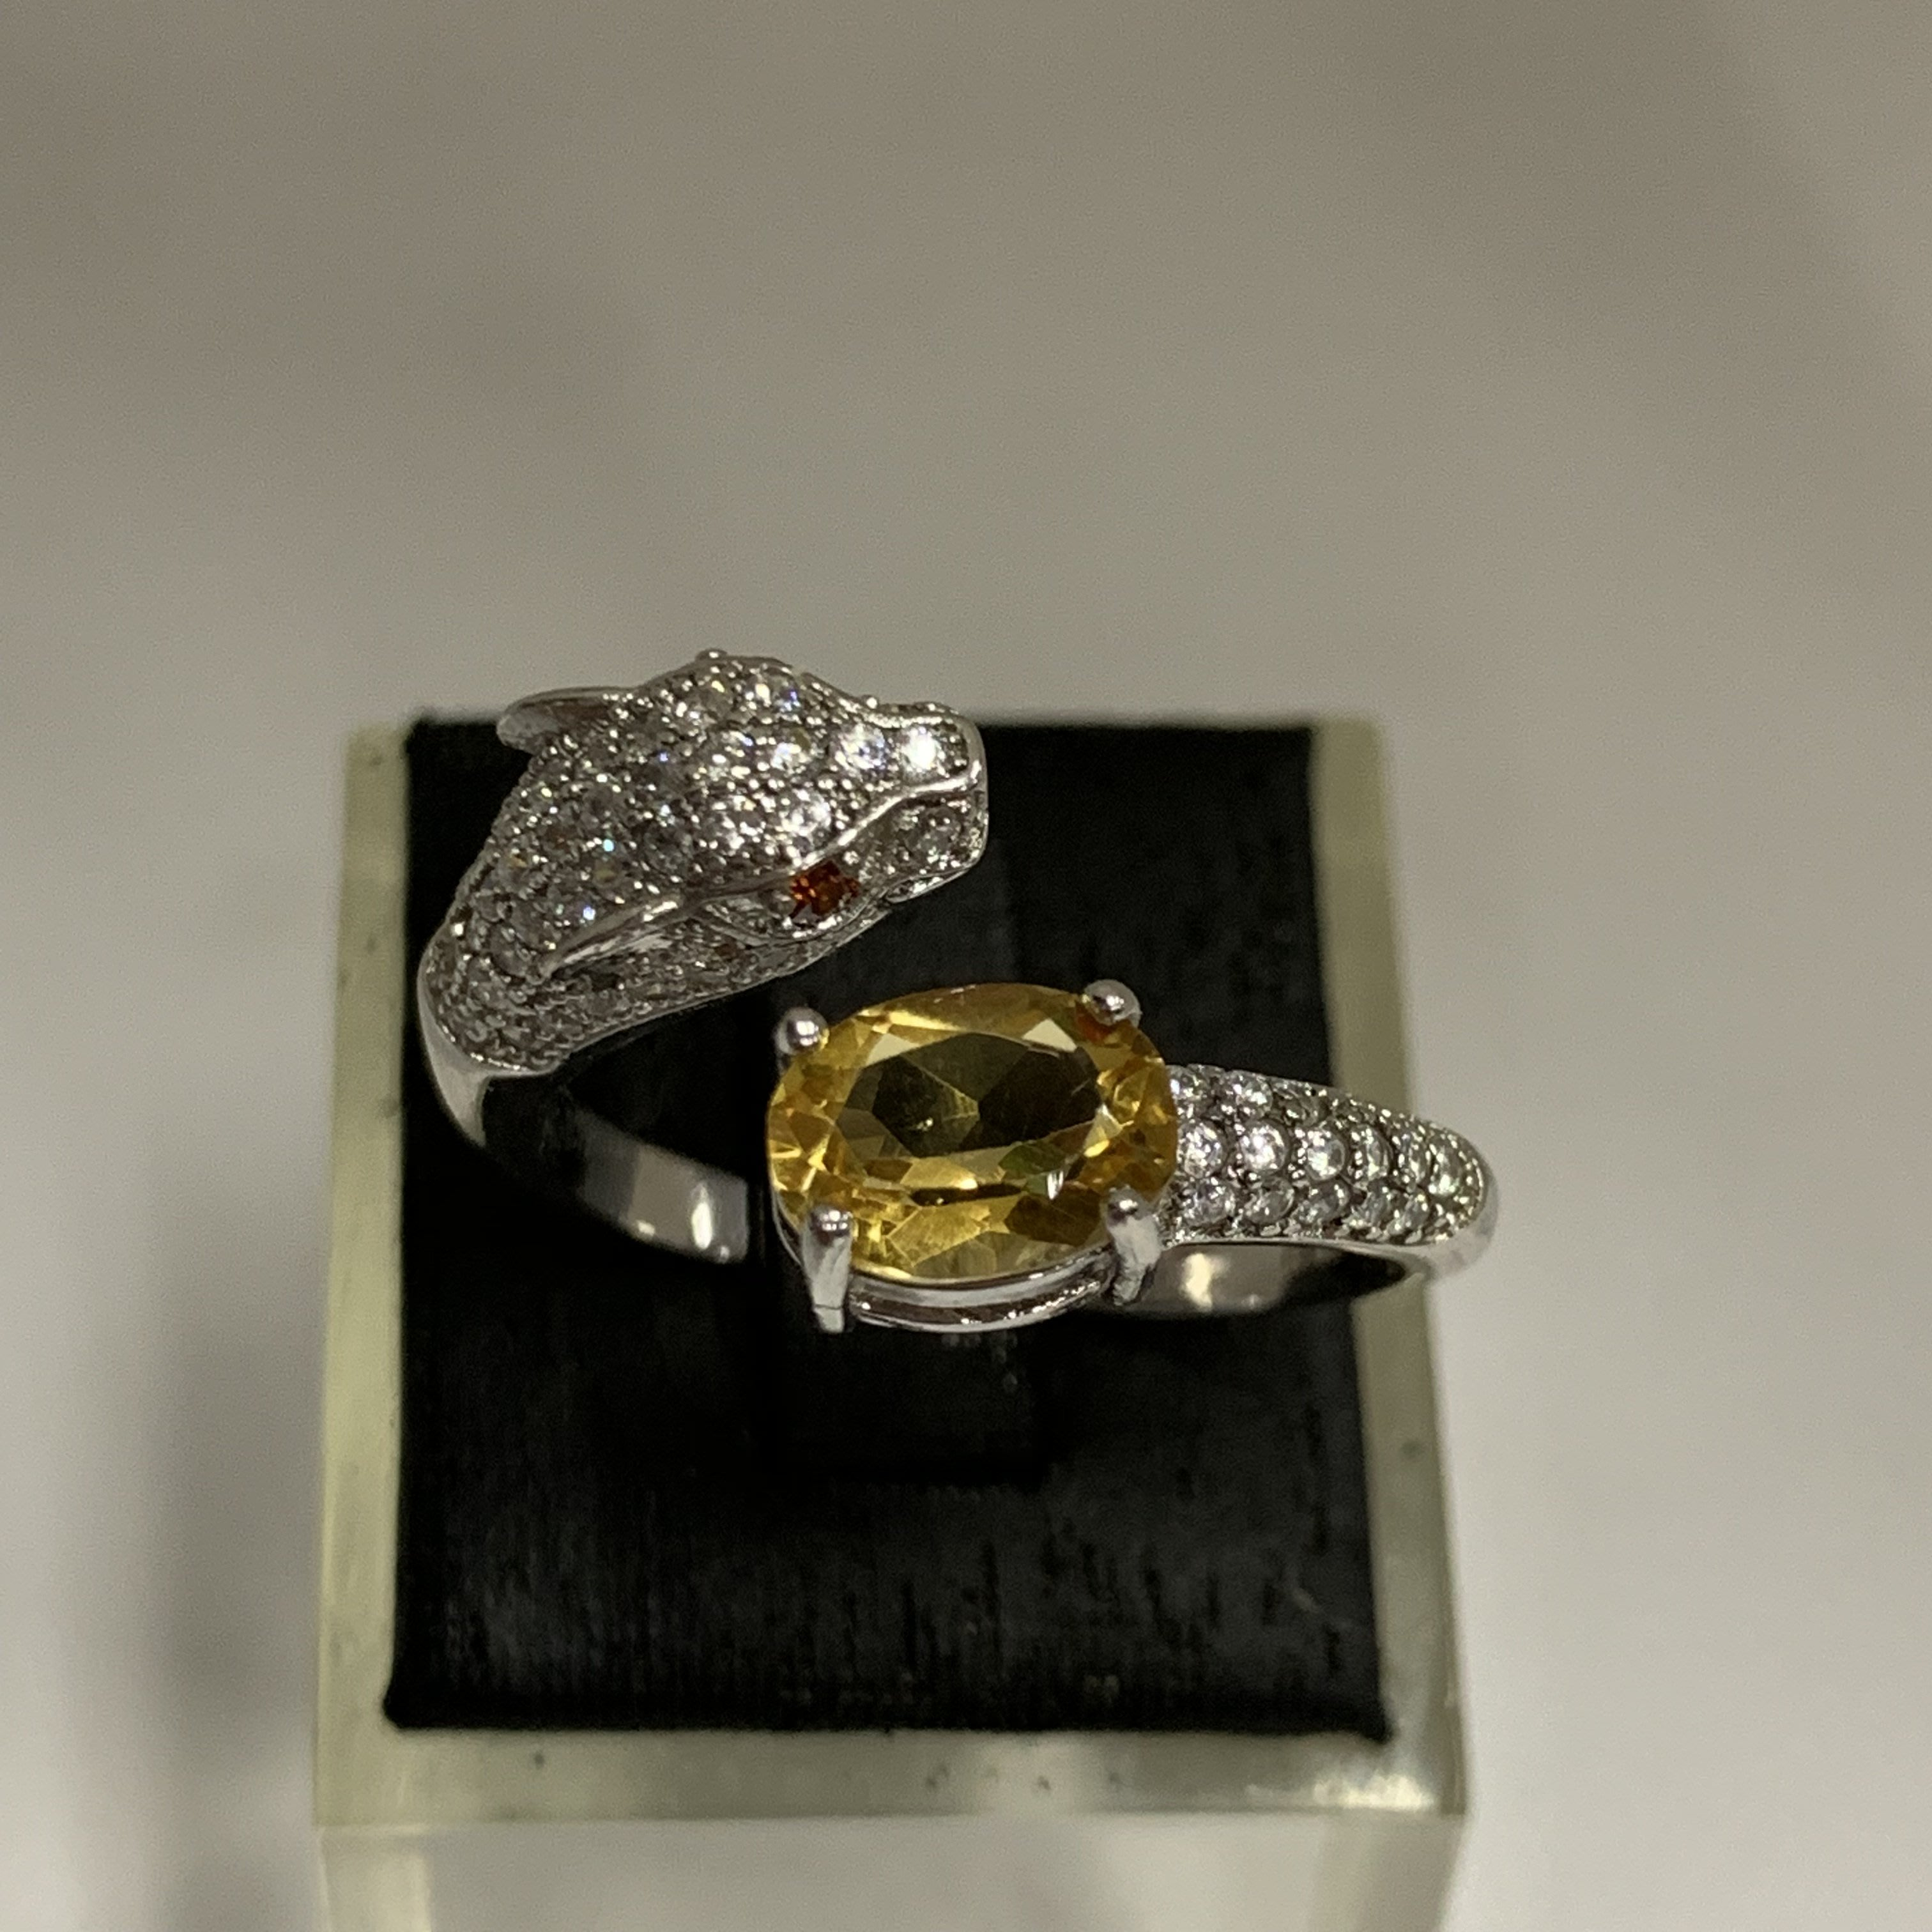 天然水晶【鑽石切面黃水晶豹戒】925銀鍍K金豹戒.贈錦盒(活動戒圍)~040508